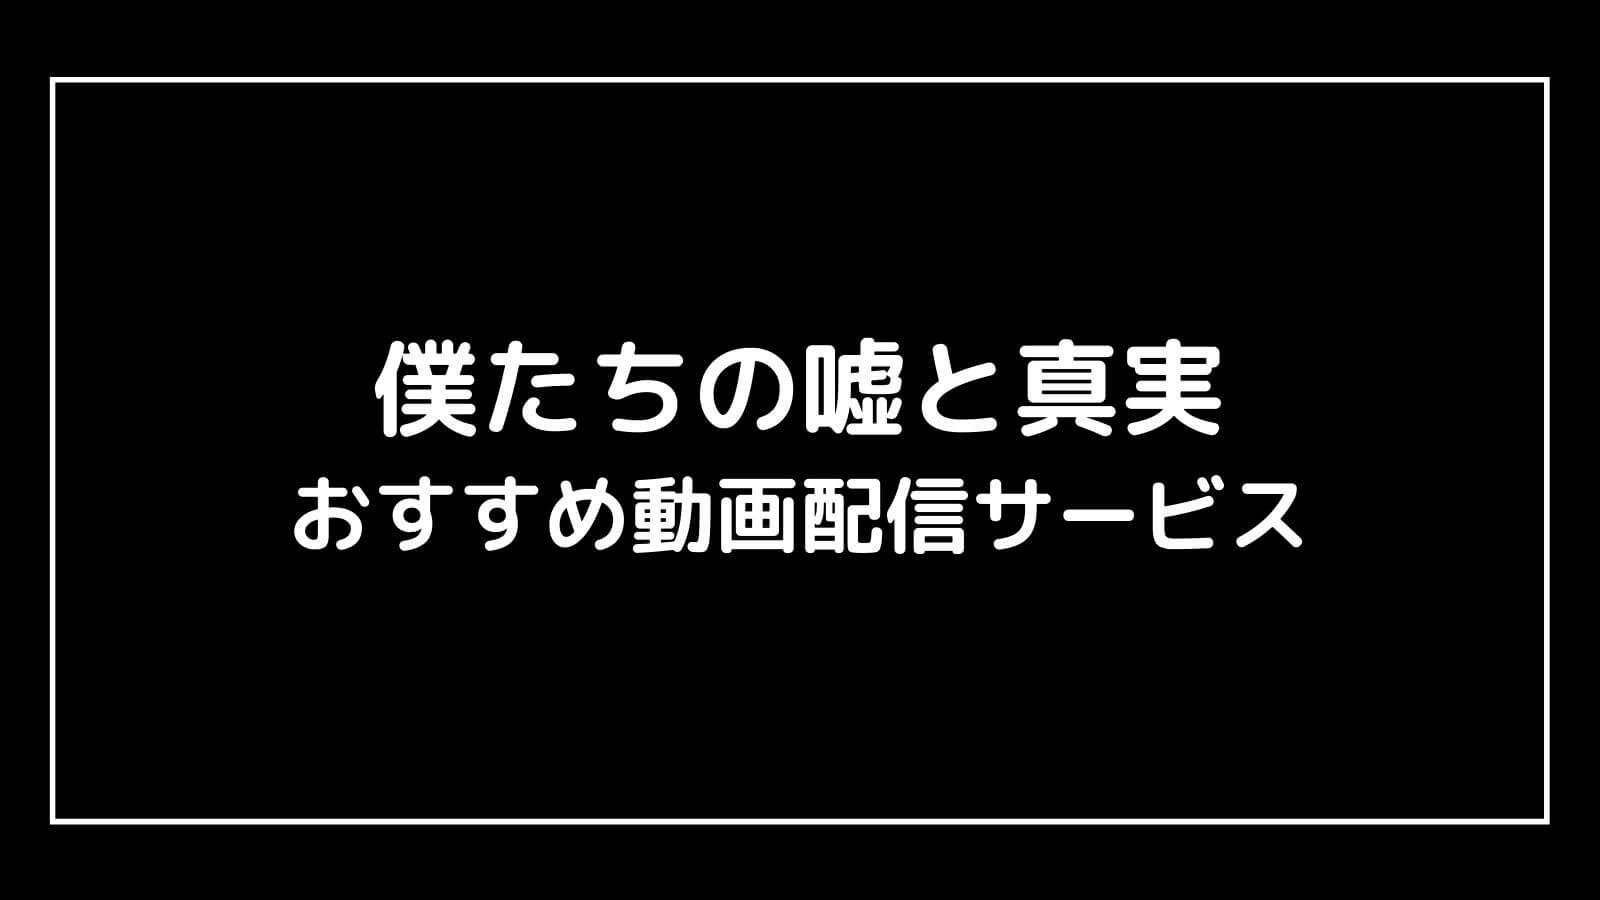 【おすすめ】僕たちの嘘と真実(欅坂46)映画を無料視聴できる動画配信サービスまとめ